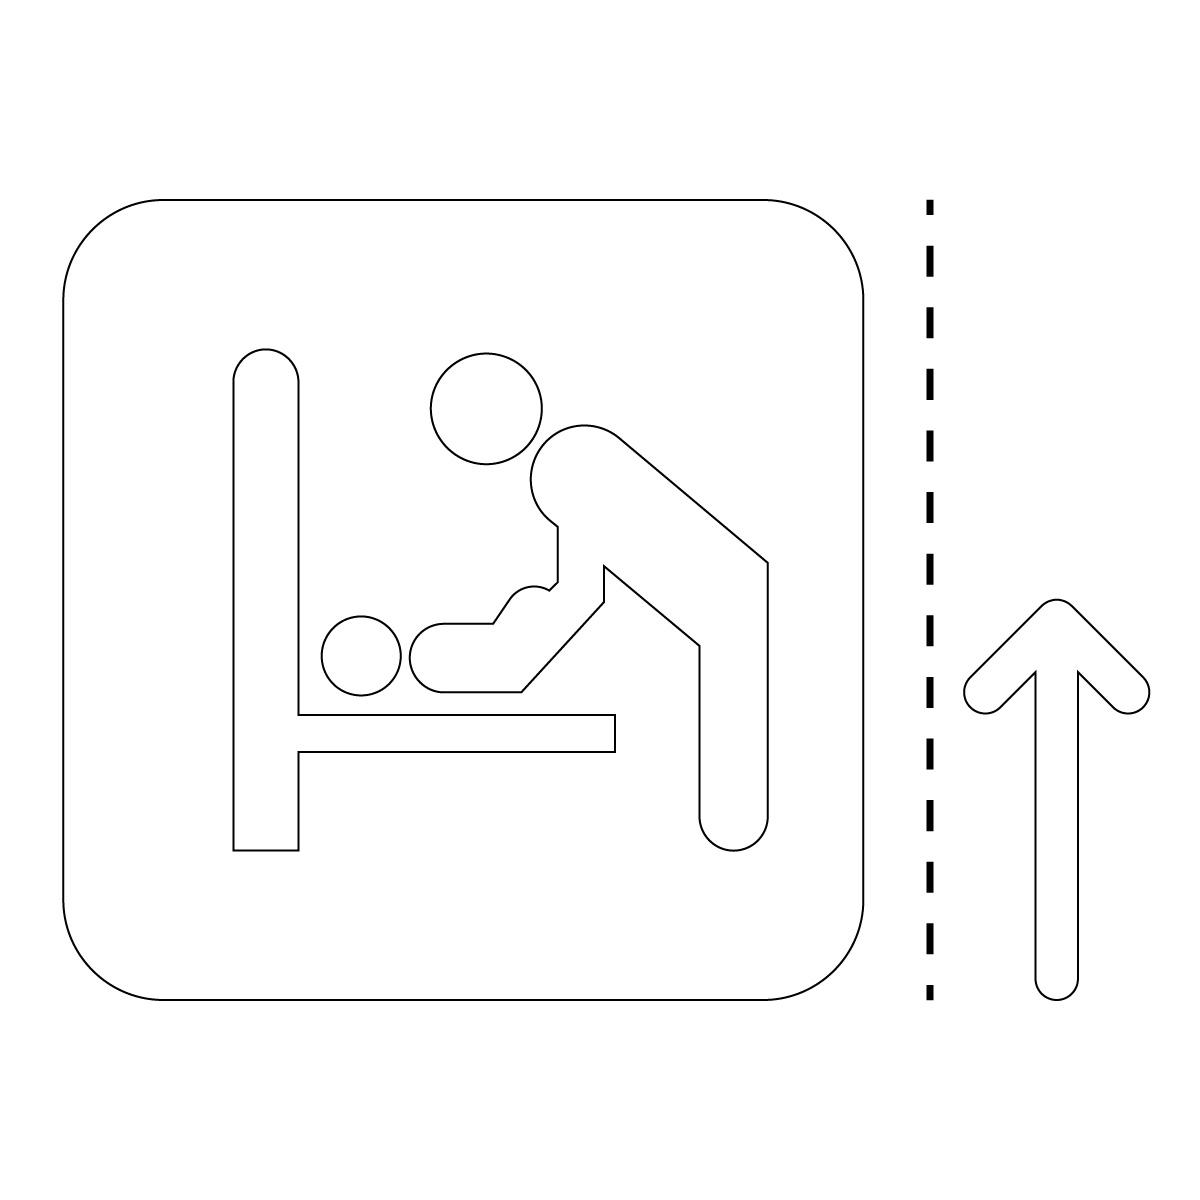 白色のオムツ替えの案内マーク(矢印付き)のカッティングステッカー・シール